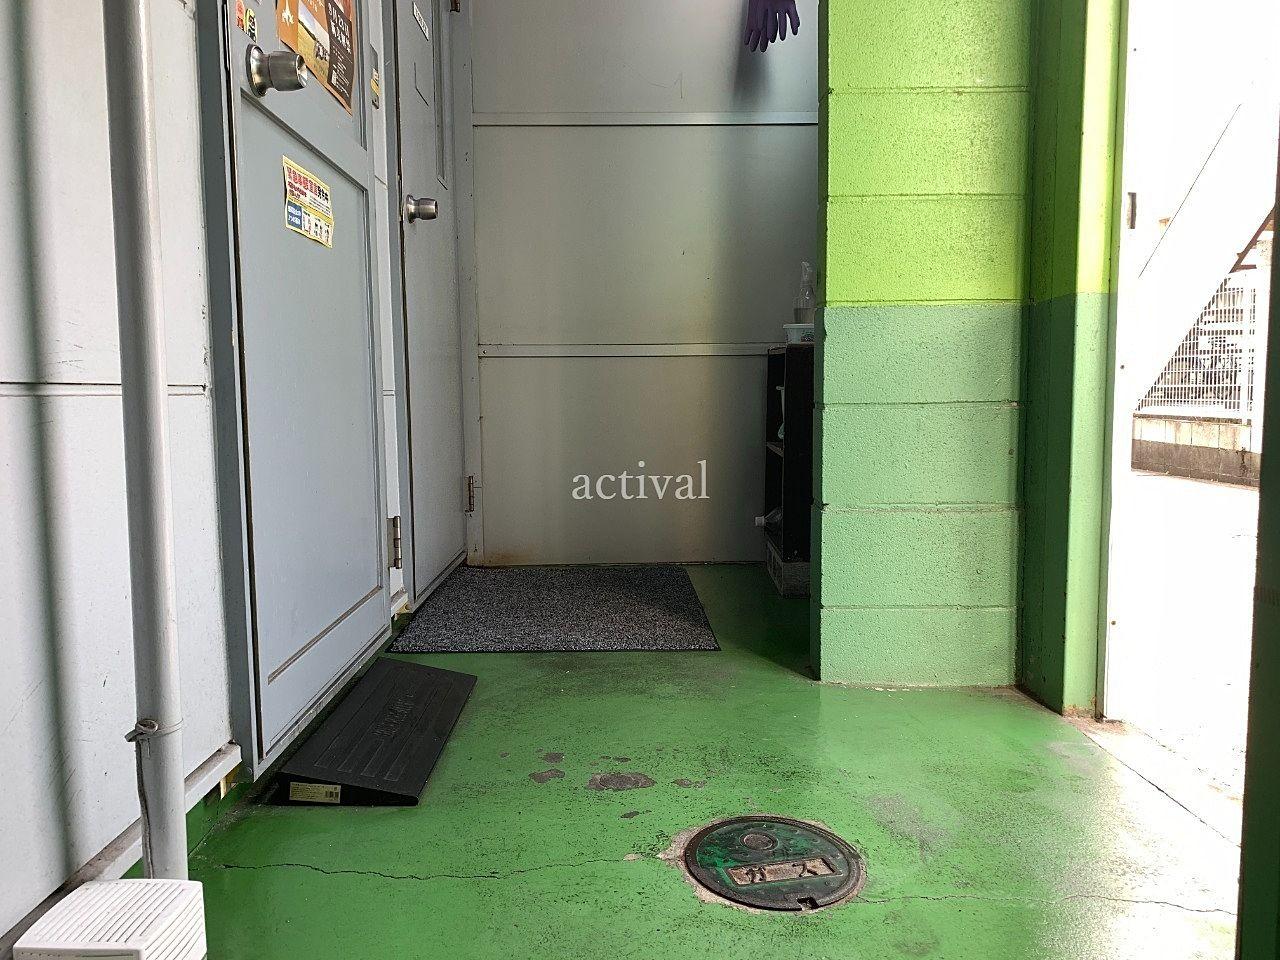 ア・ス・ヴェルデⅢ共用スペースの床掃除です。